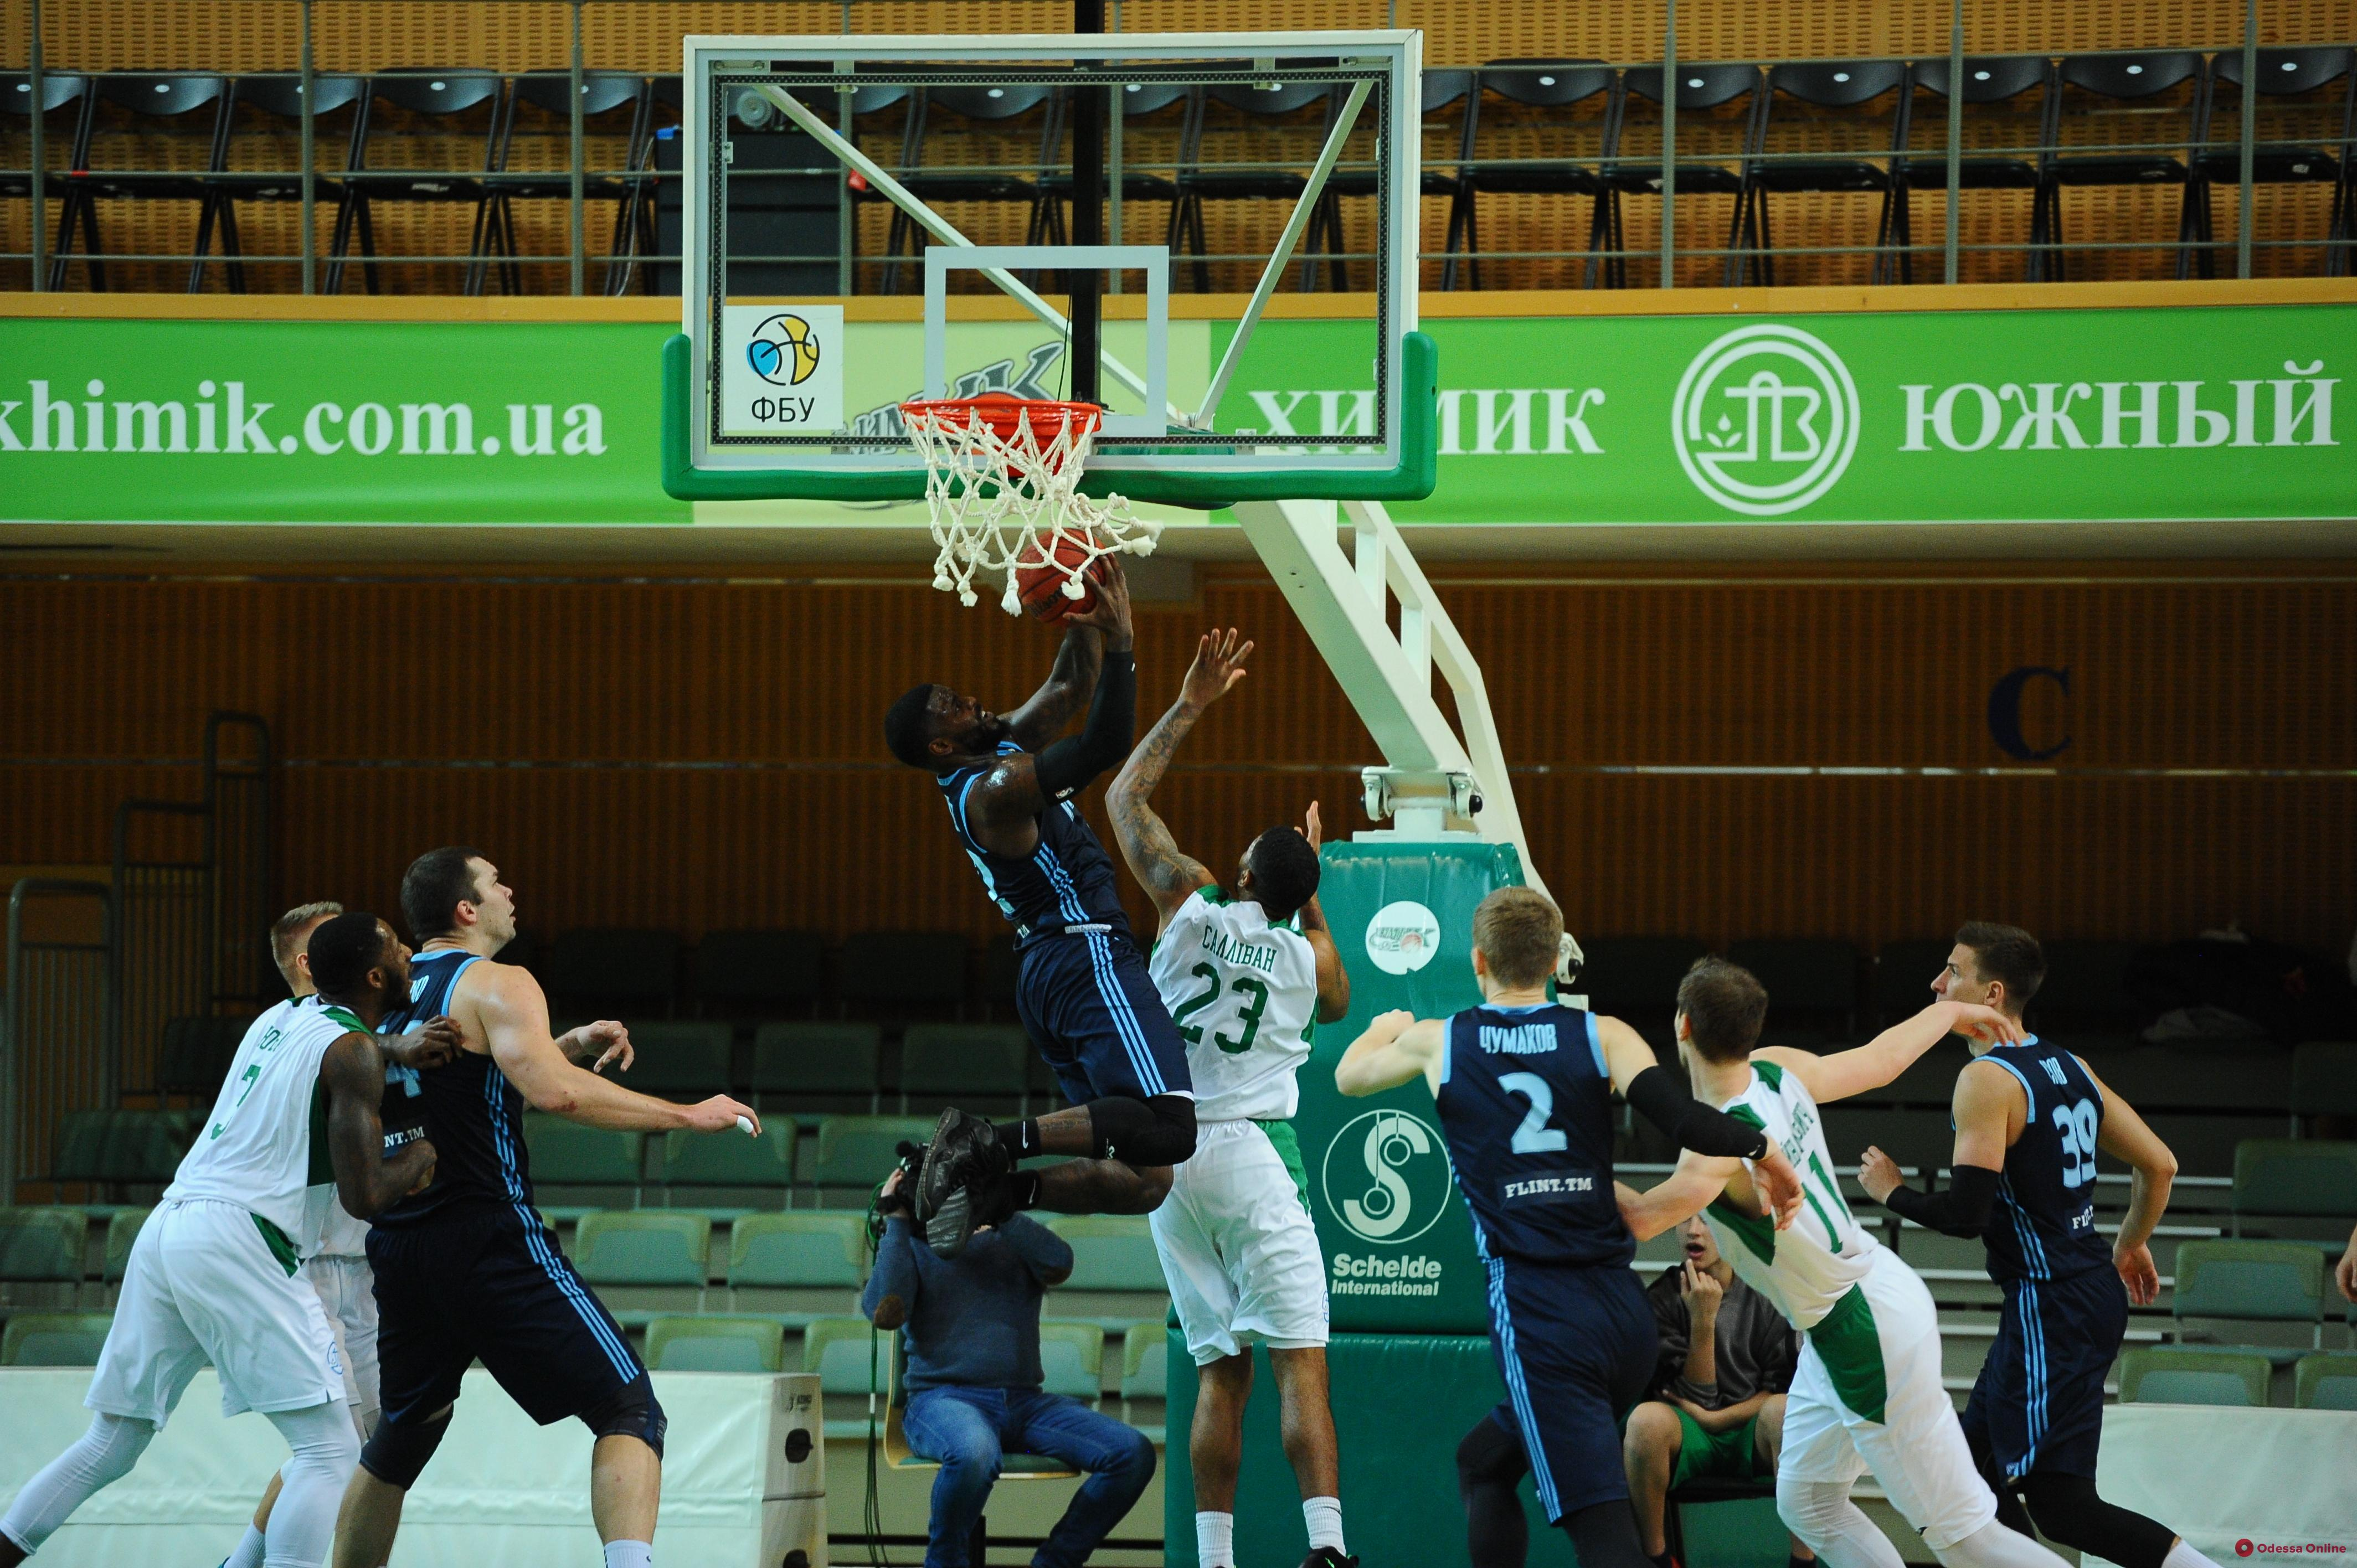 Баскетбол: «Химик» набрал 101 очко в домашнем матче с лидером Суперлиги